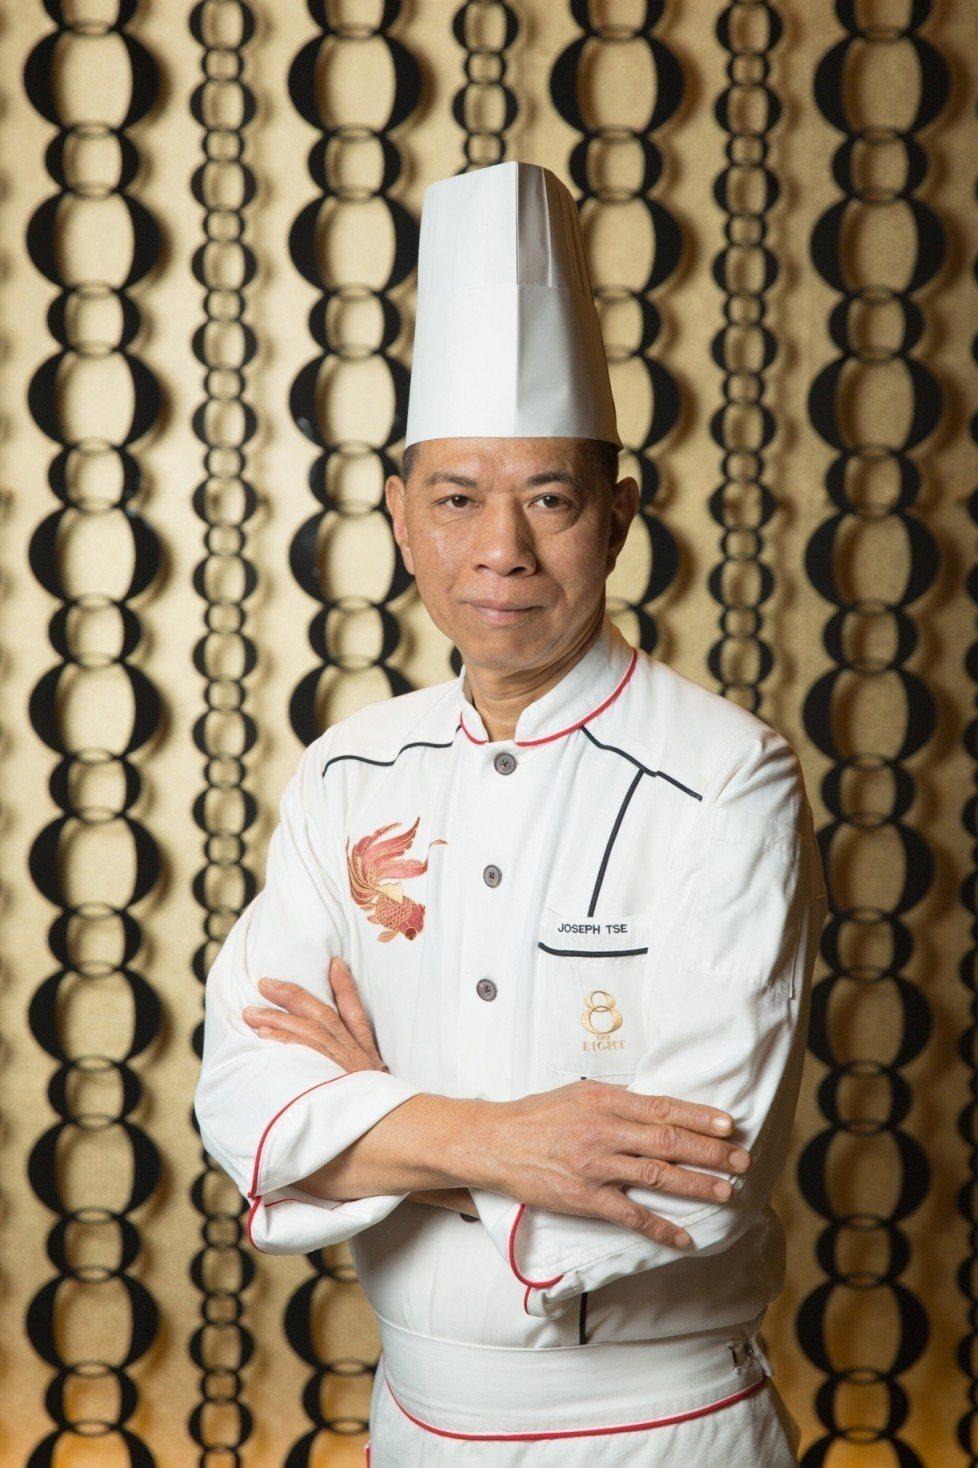 澳門新葡京酒店8餐廳行政總主廚謝錦松,率領團隊來台客座。圖/雲朗觀光集團提供